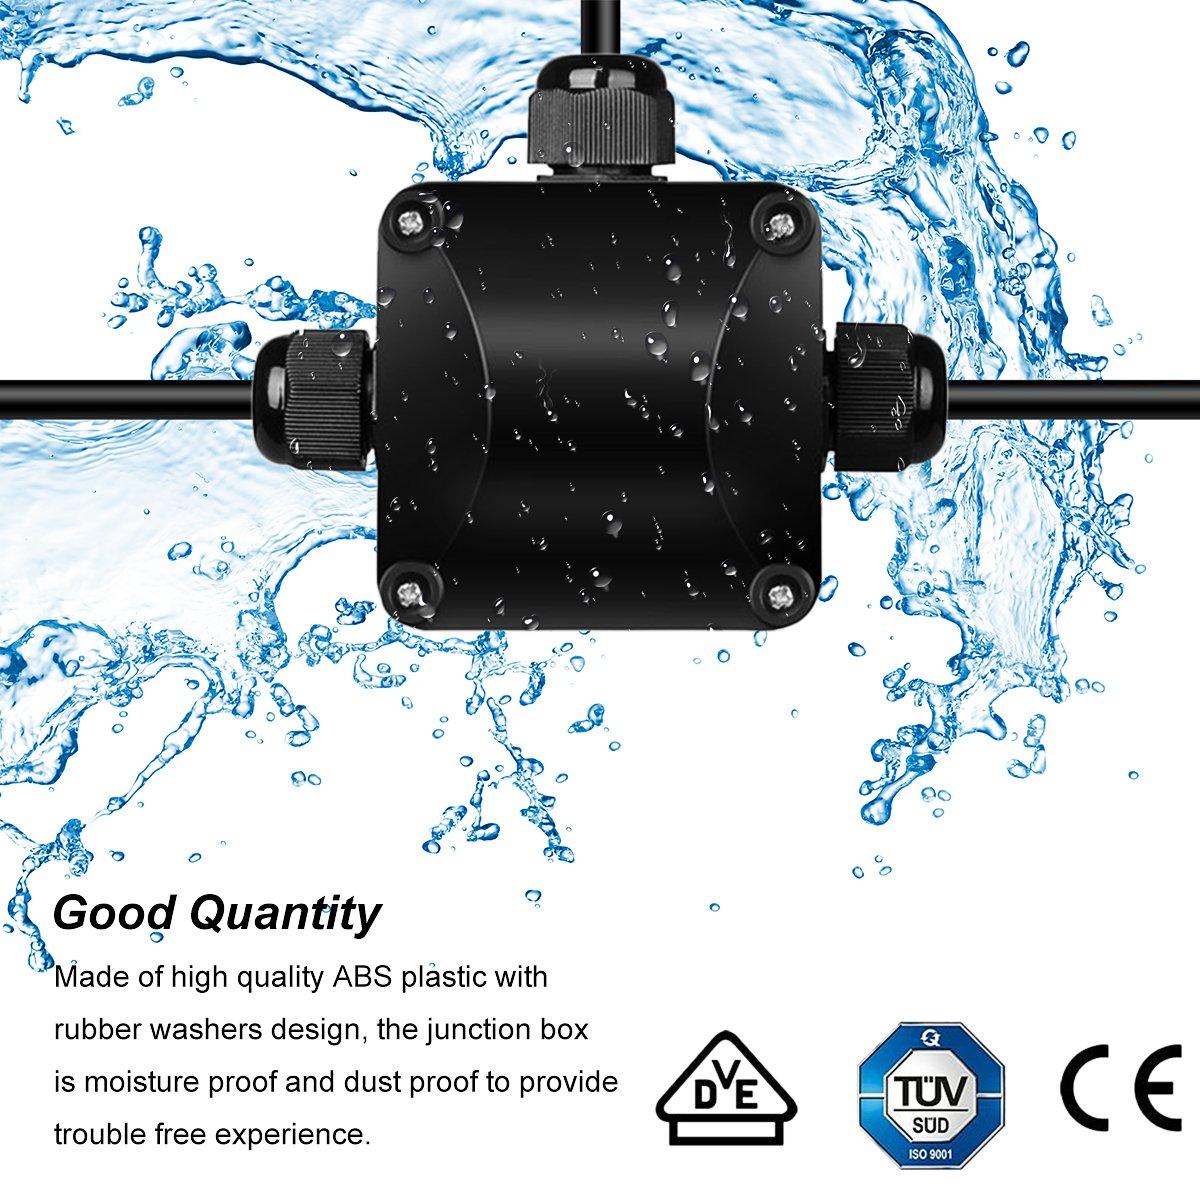 YoungRich 4pcs IP68 Caja de Conexiones Impermeable Conector de Cable 3 V/ías Caja de Conexiones a Distancia Externa El/éctrica Cables Subterr/áNeos /Ø 5.5mm-10.2mm Negro